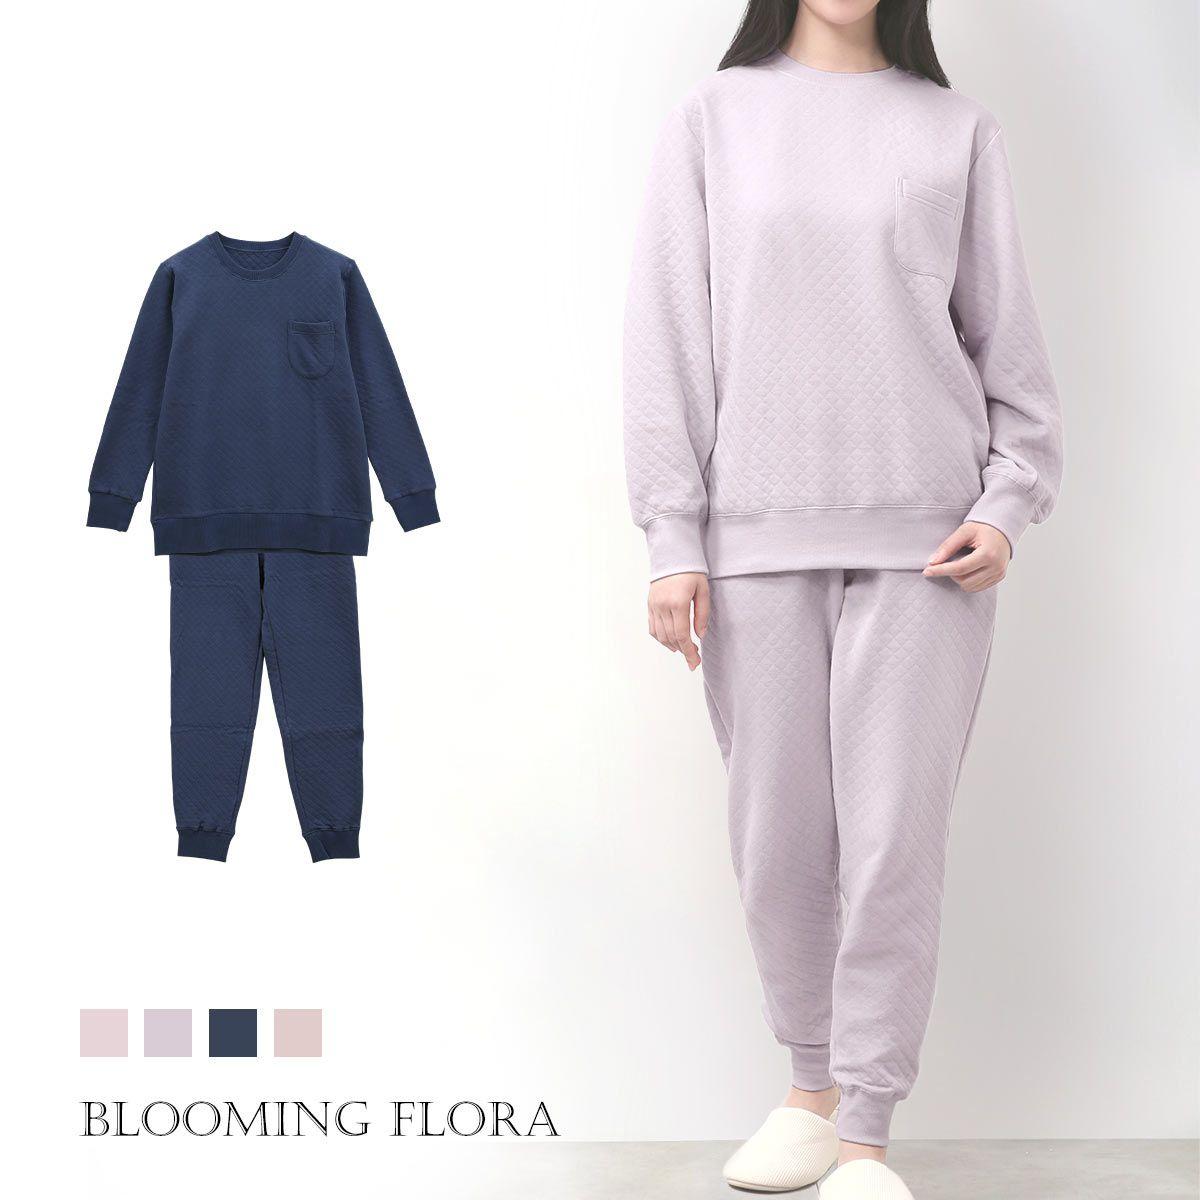 【送料無料】 (ブルーミングフローラ)bloomingFLORA 綿100% キルトニット あったか シンプル パジャマ トレーナー 上下セット ルームウェア